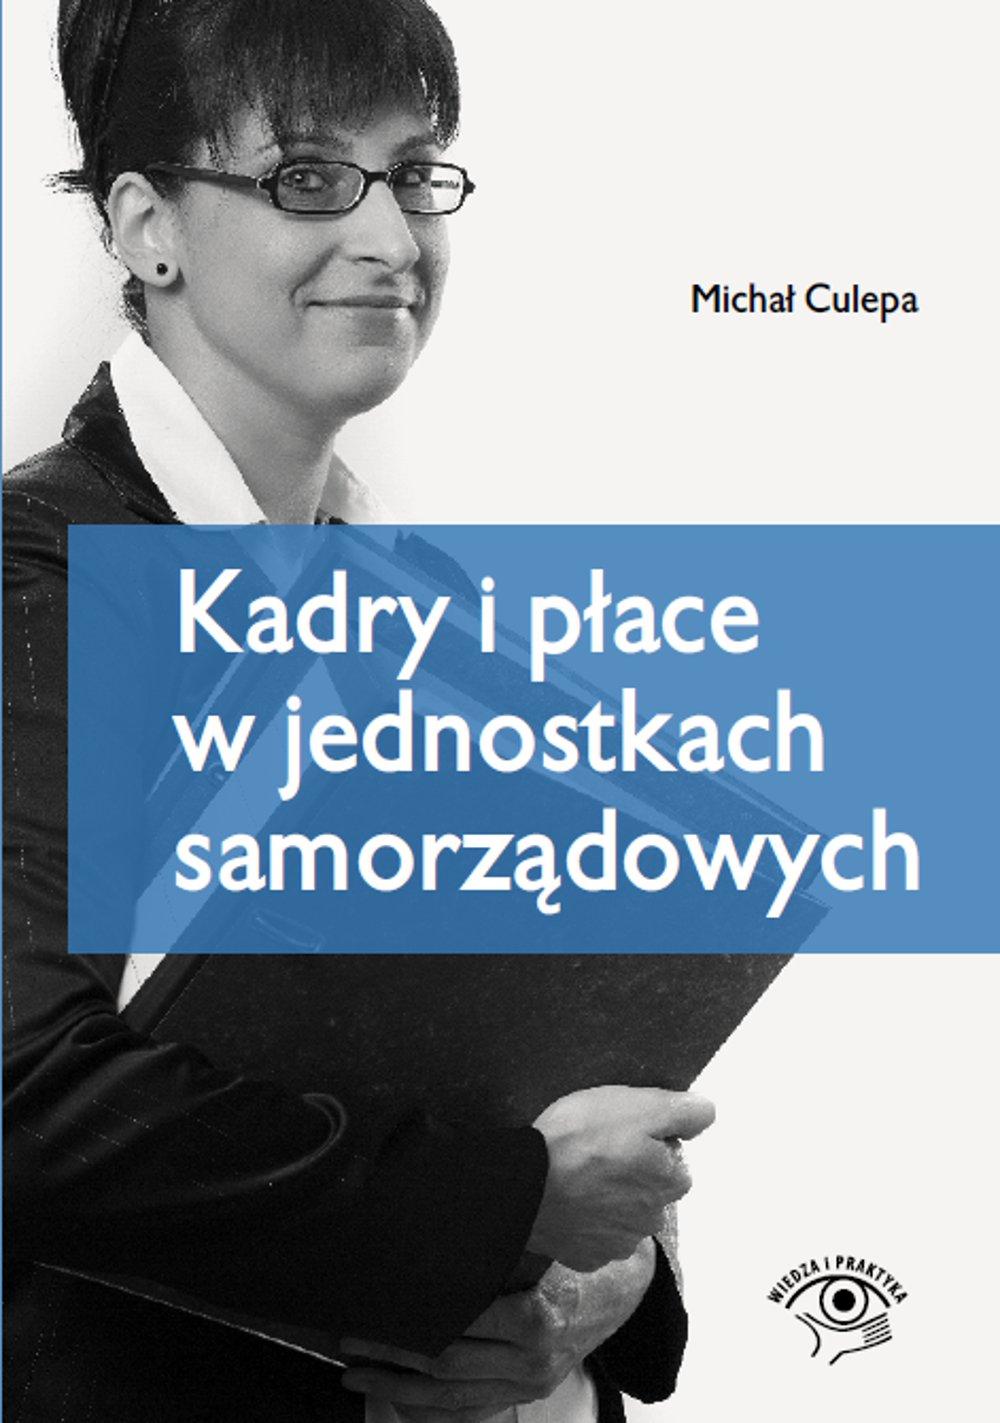 Kadry i płace w jednostkach samorządowych - Ebook (Książka na Kindle) do pobrania w formacie MOBI